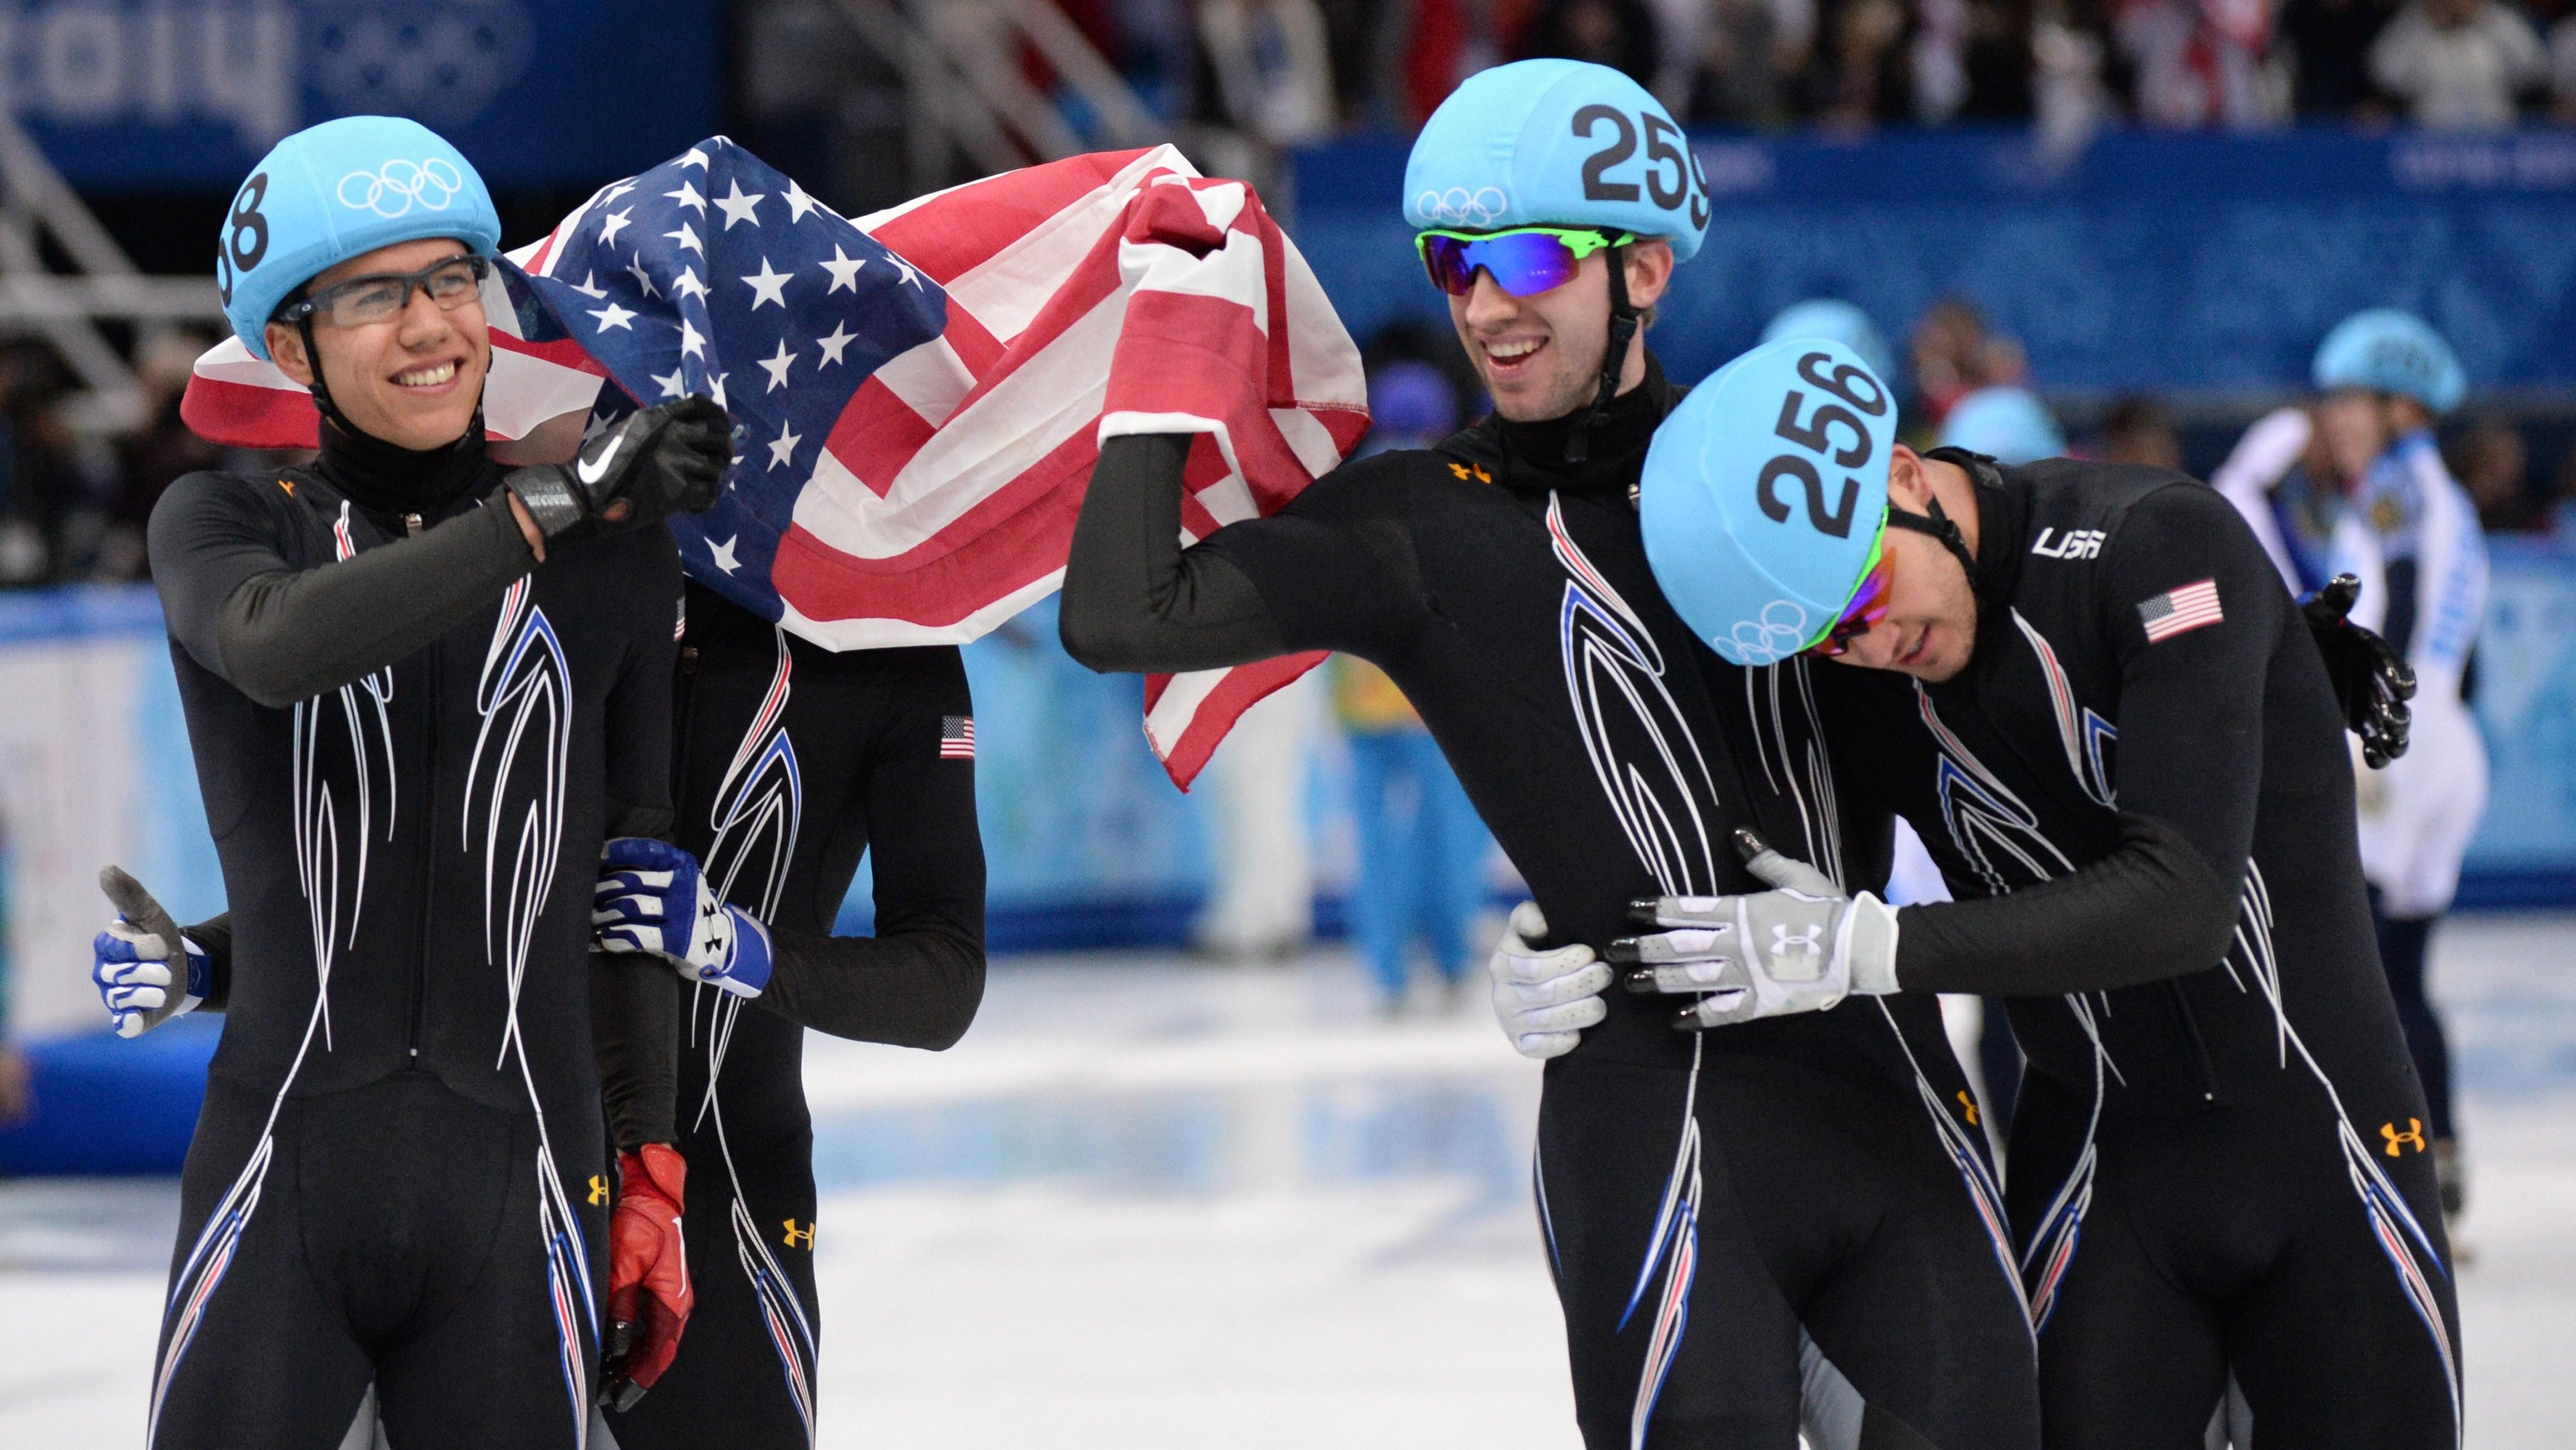 Finally: U.S. Speedskaters Break Drought, Win Silver In New Race Suits